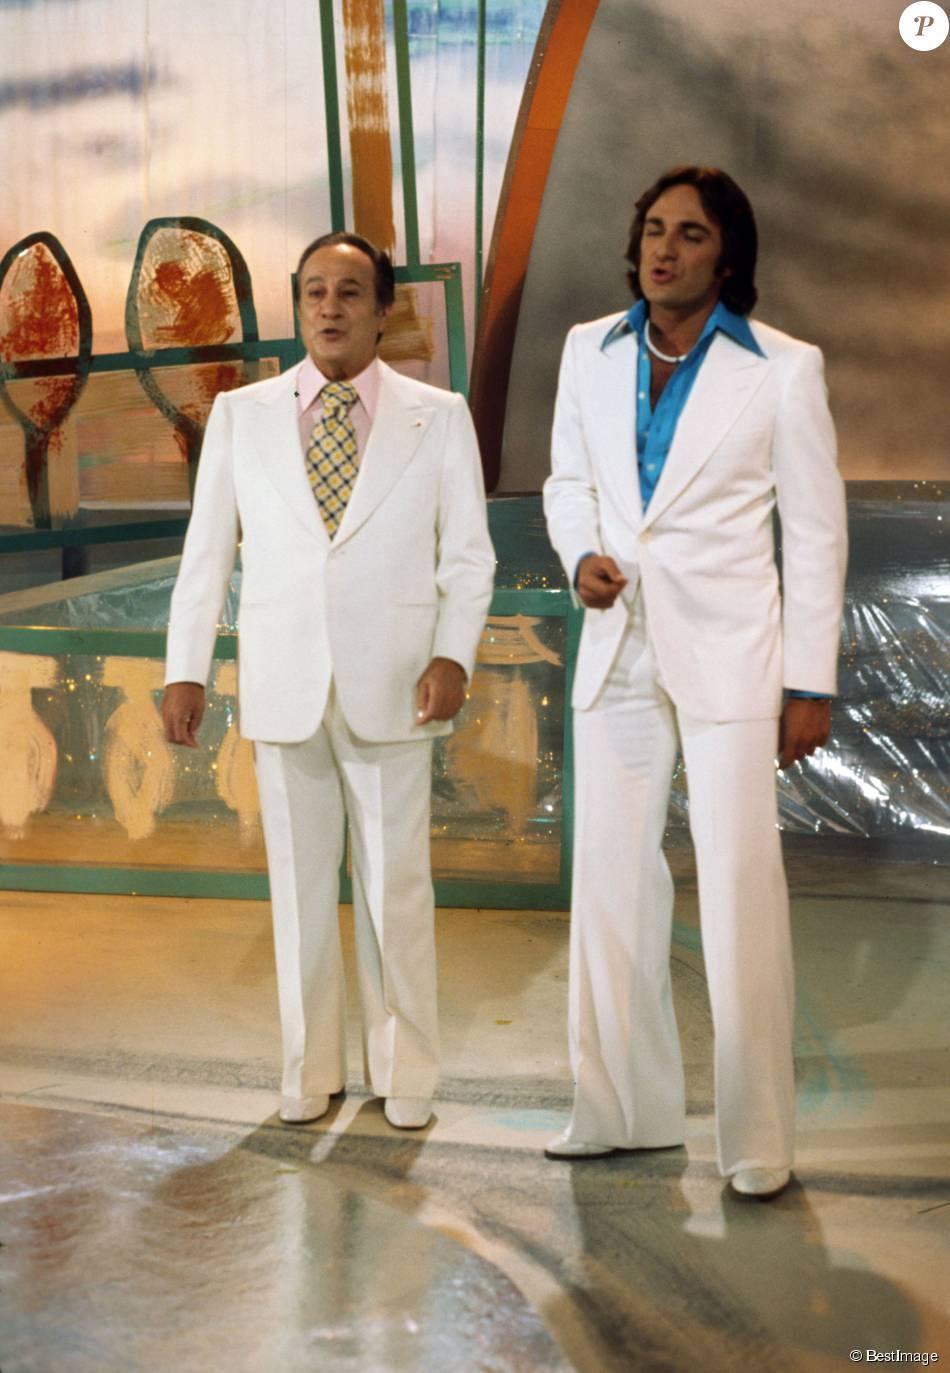 Archives - Tino Rossi et son fils Laurent Rossi, 1975